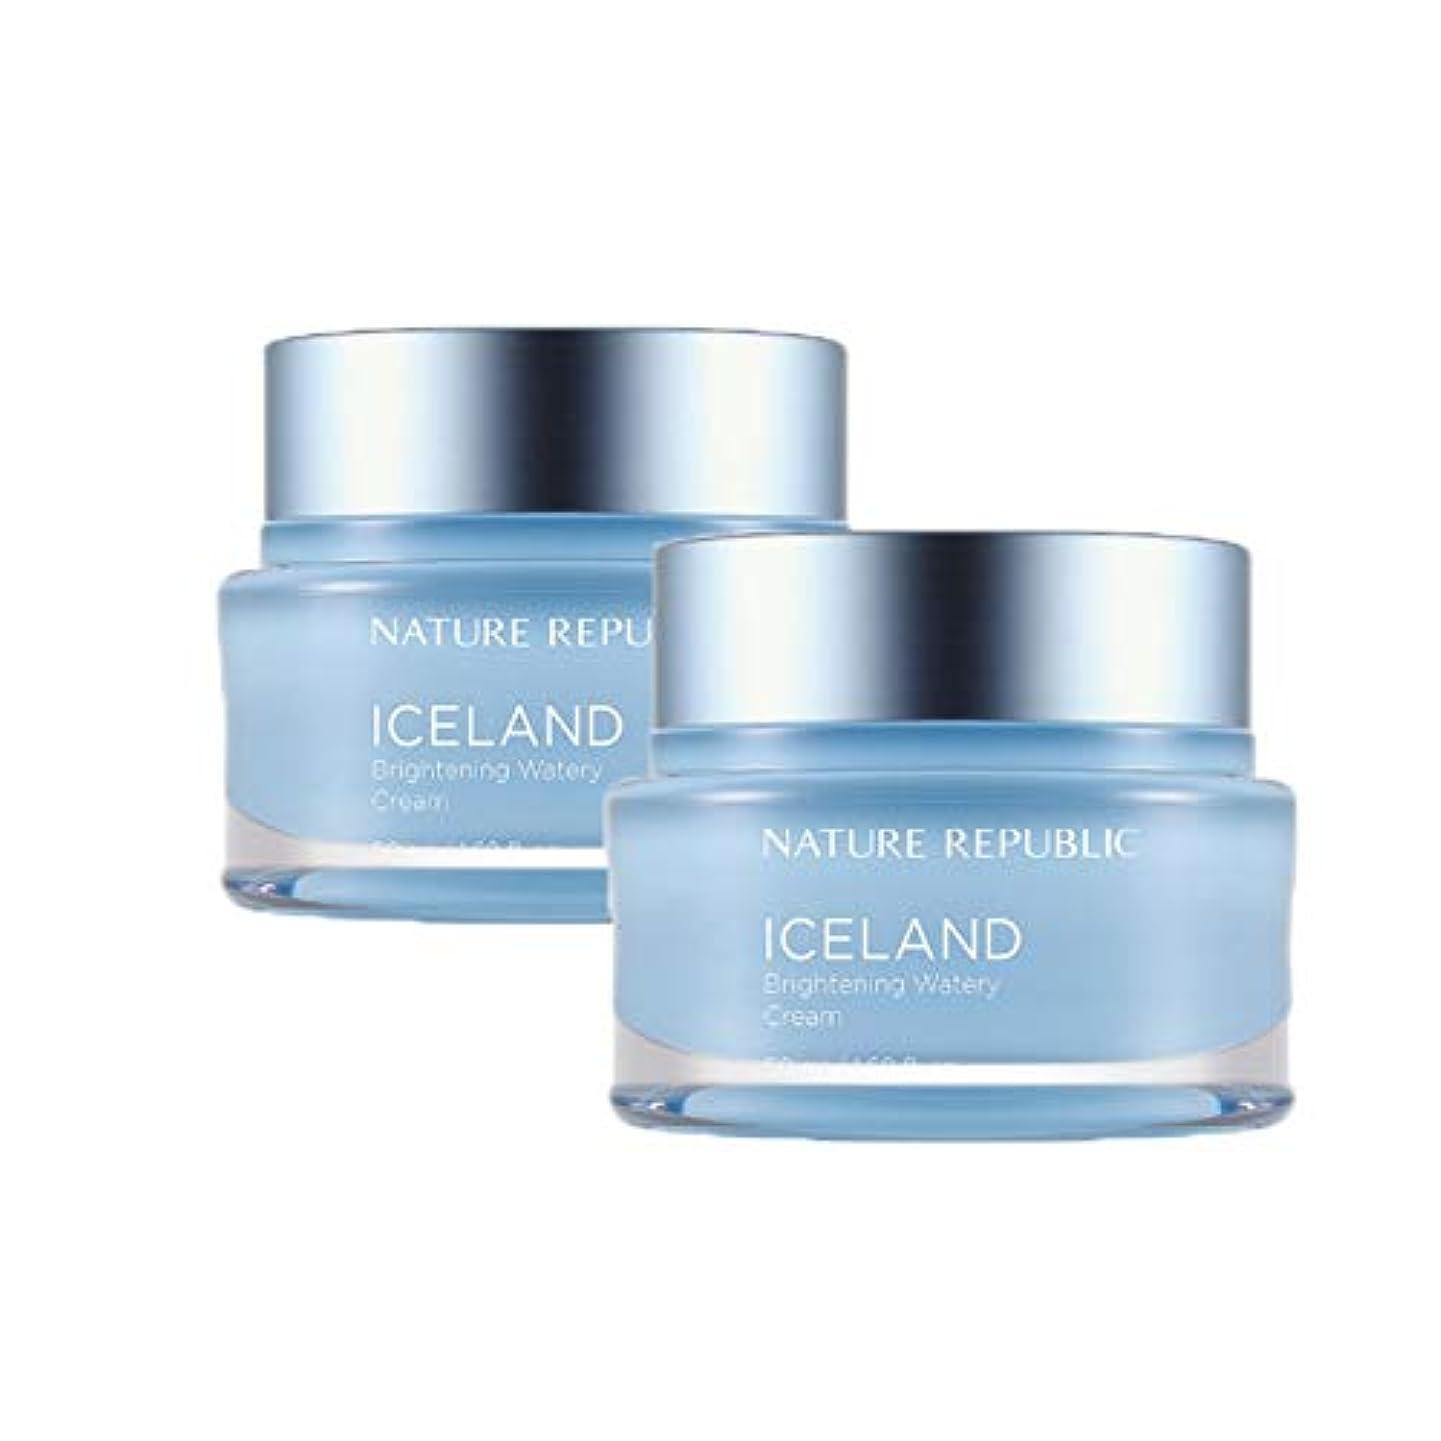 気取らないマトリックス広告主ネイチャーリパブリックアイスランドブライトニング水分クリーム50mlx2本セット韓国コスメ、Nature Republic Iceland Brightening Watery Cream 50ml x 2ea Set...